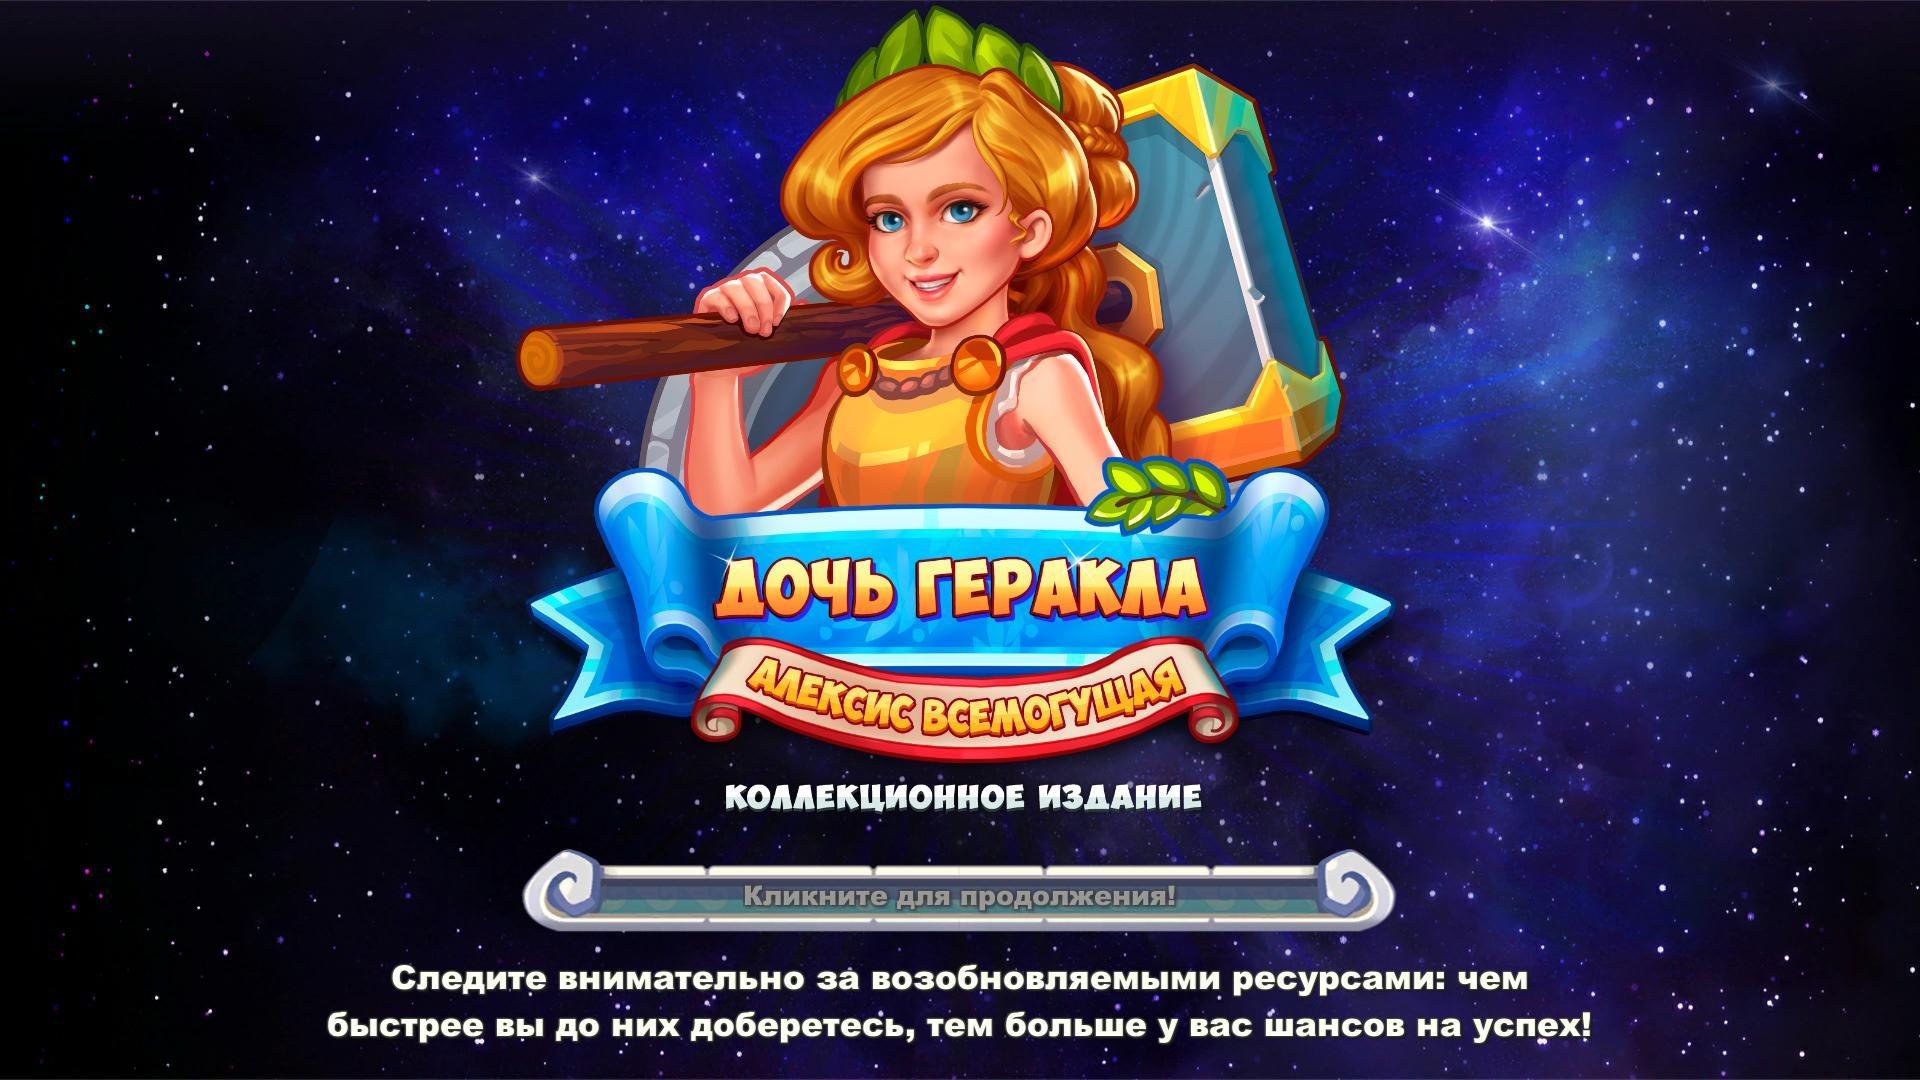 Алексис Всемогущая: Дочь Геракла. Коллекционное издание | Alexis Almighty: Daughter of Hercules CE (Rus)